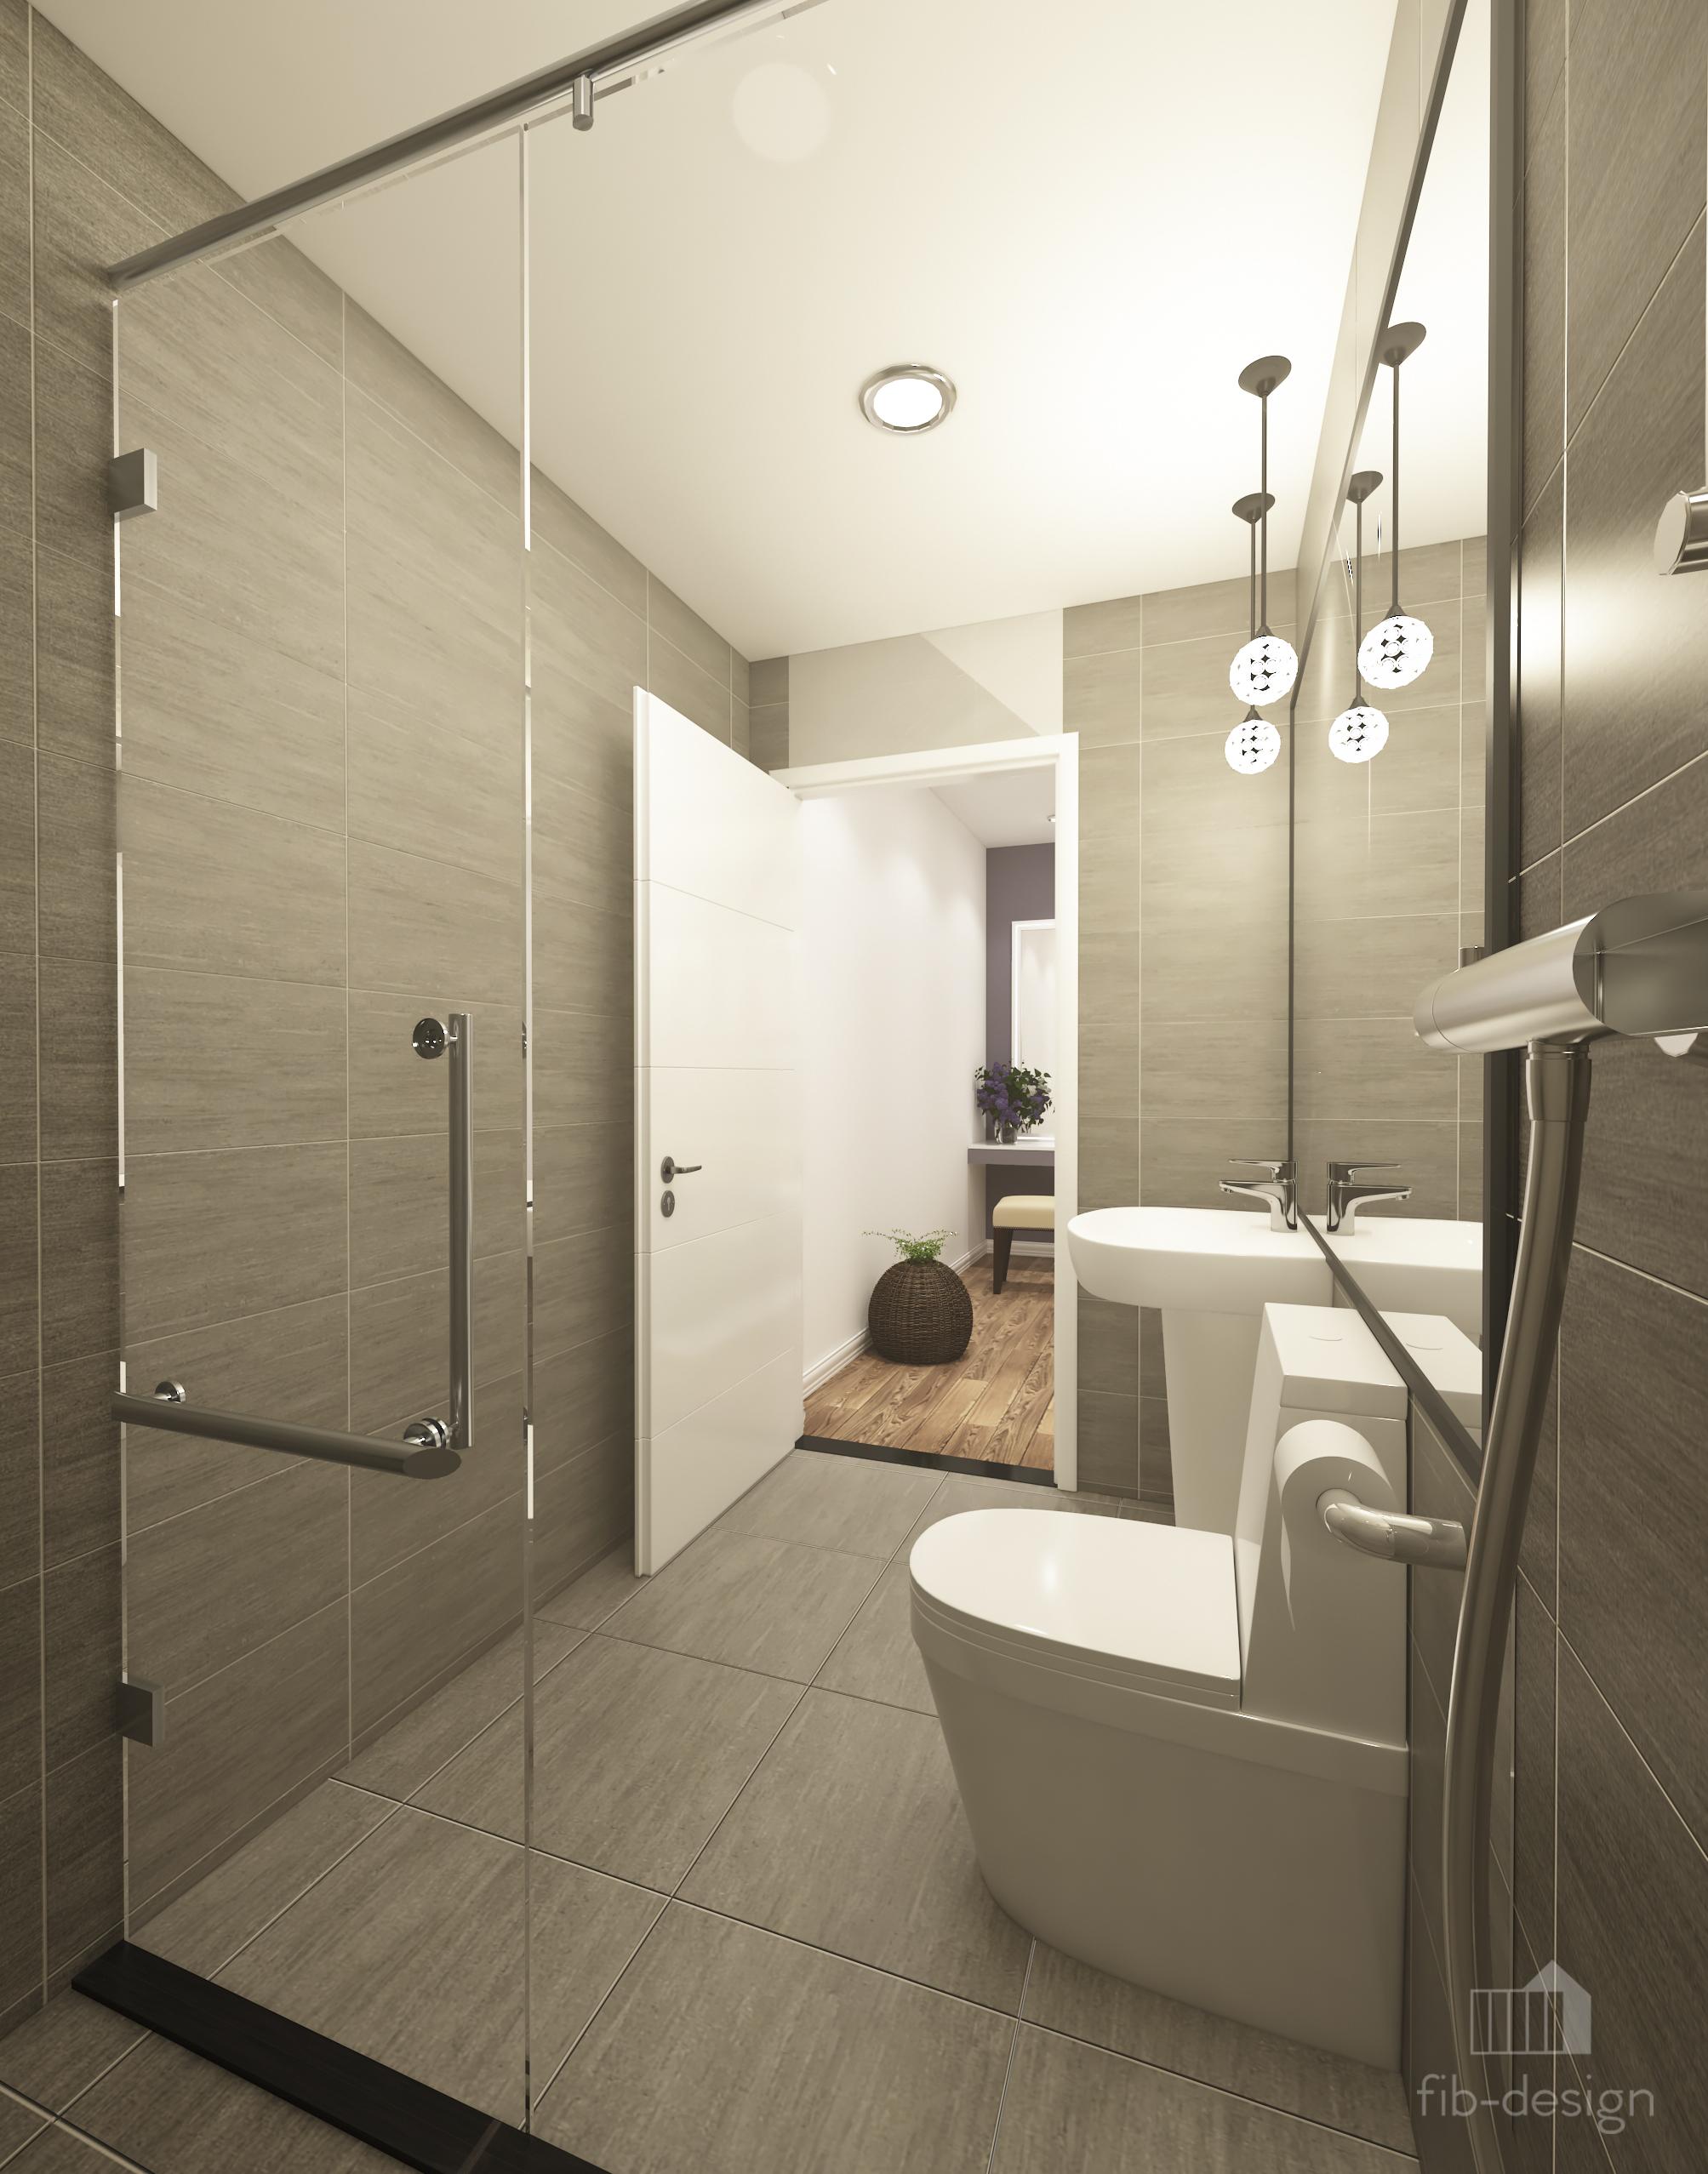 thiết kế nội thất chung cư tại Hà Nội P714 Chung cư GOLDSiLK 20 1544083449